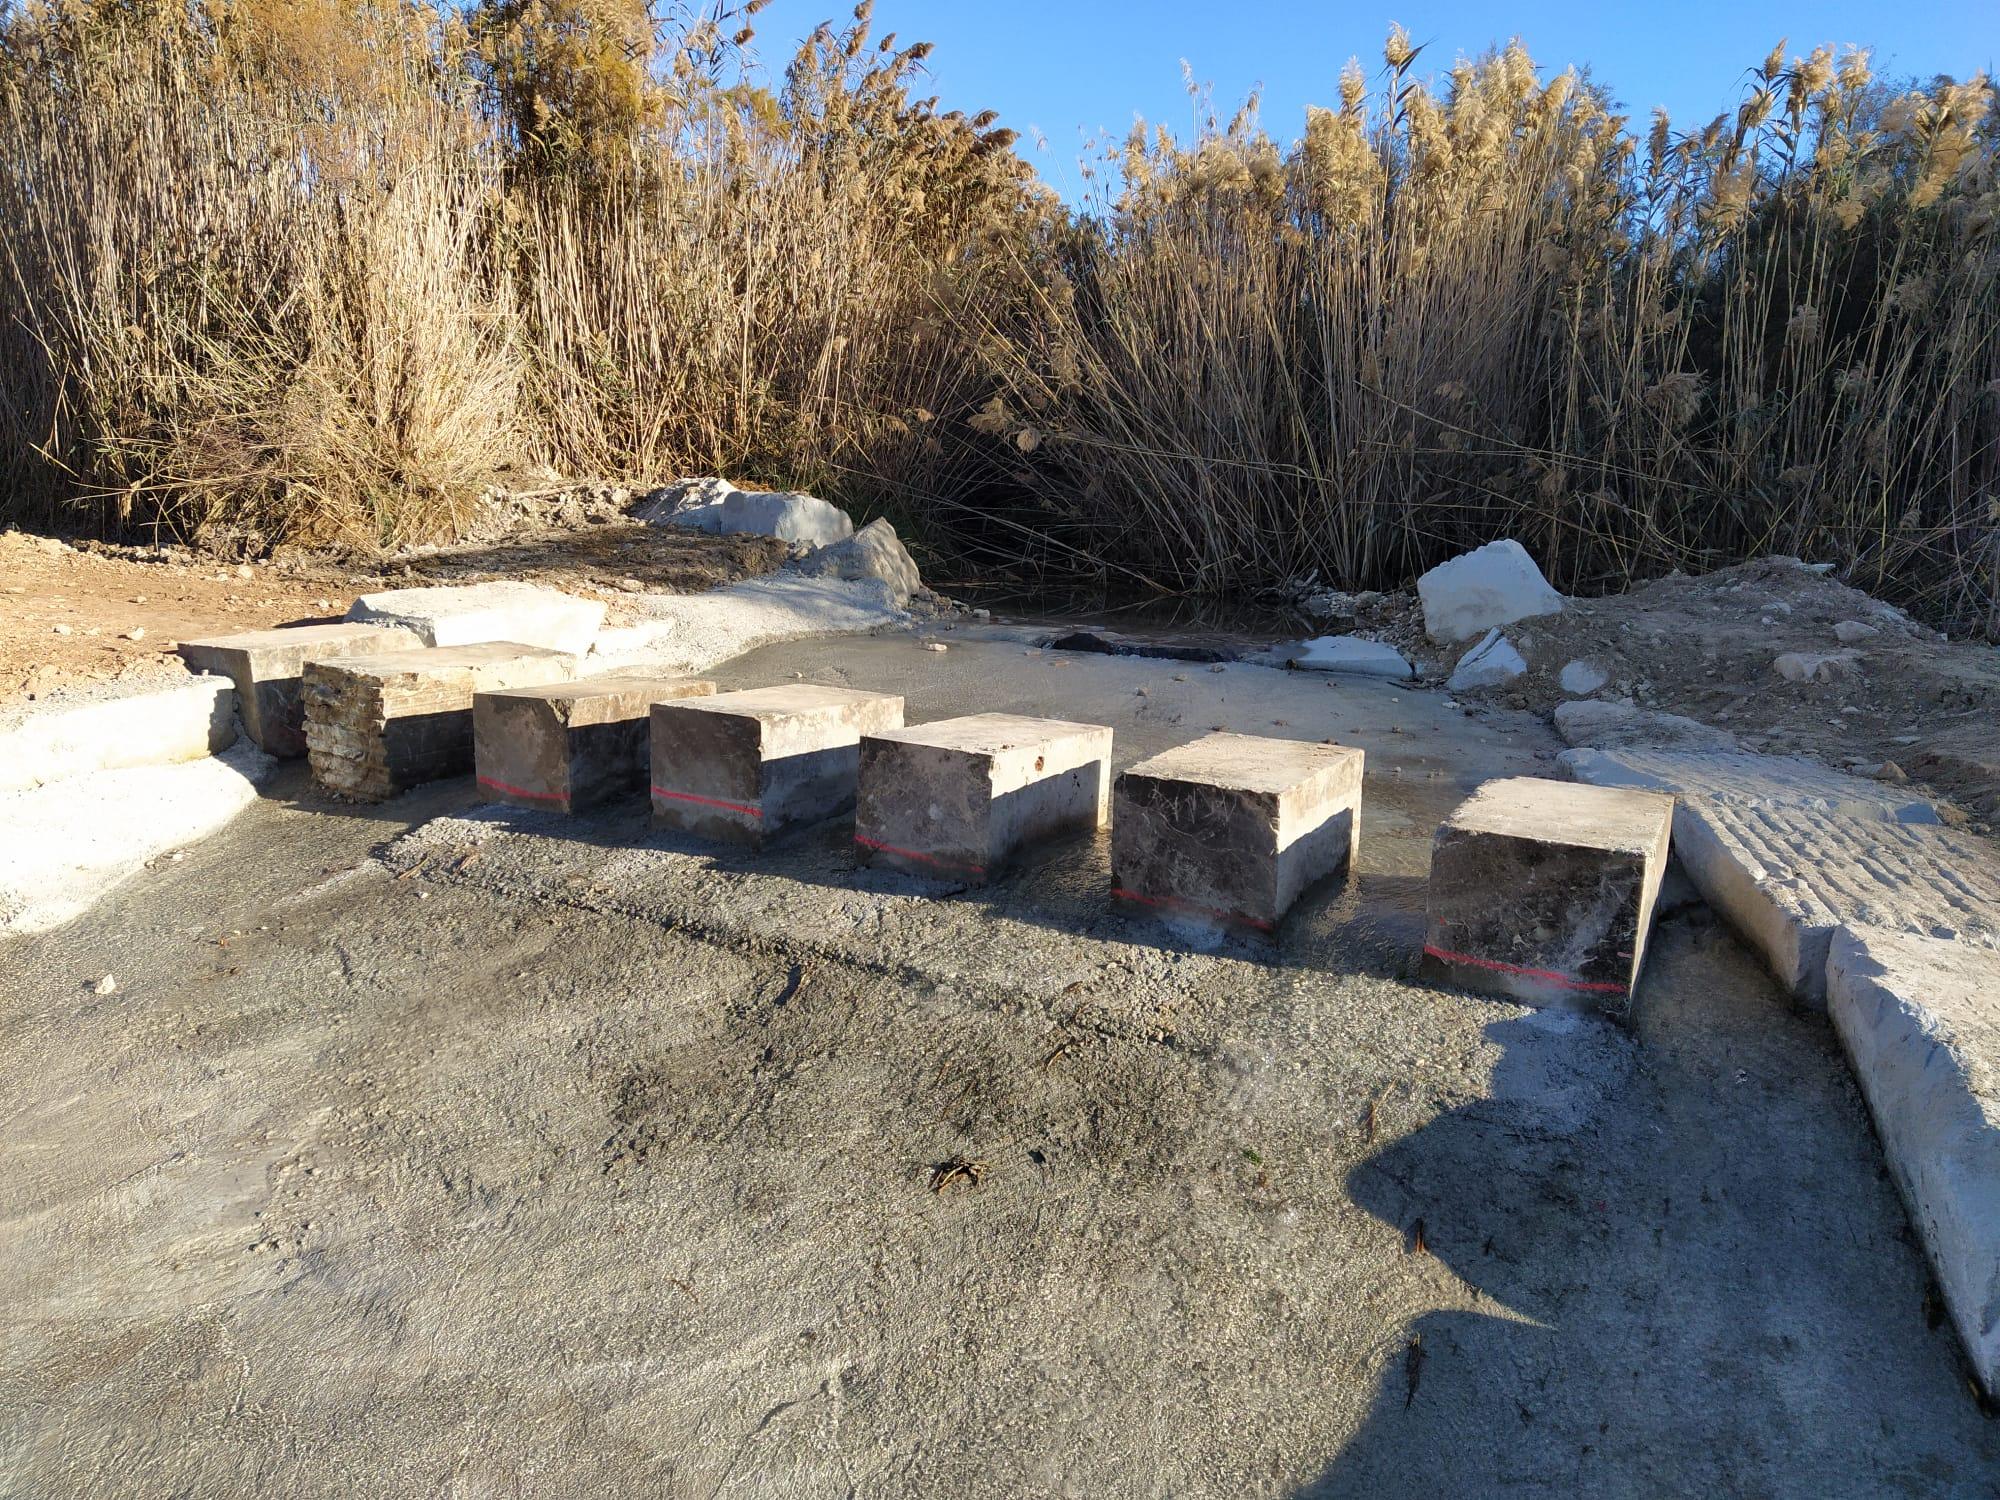 El Ayuntamiento de Elda restaura la zona de paso natural del río Vinalopó próximo al puente del Sambo